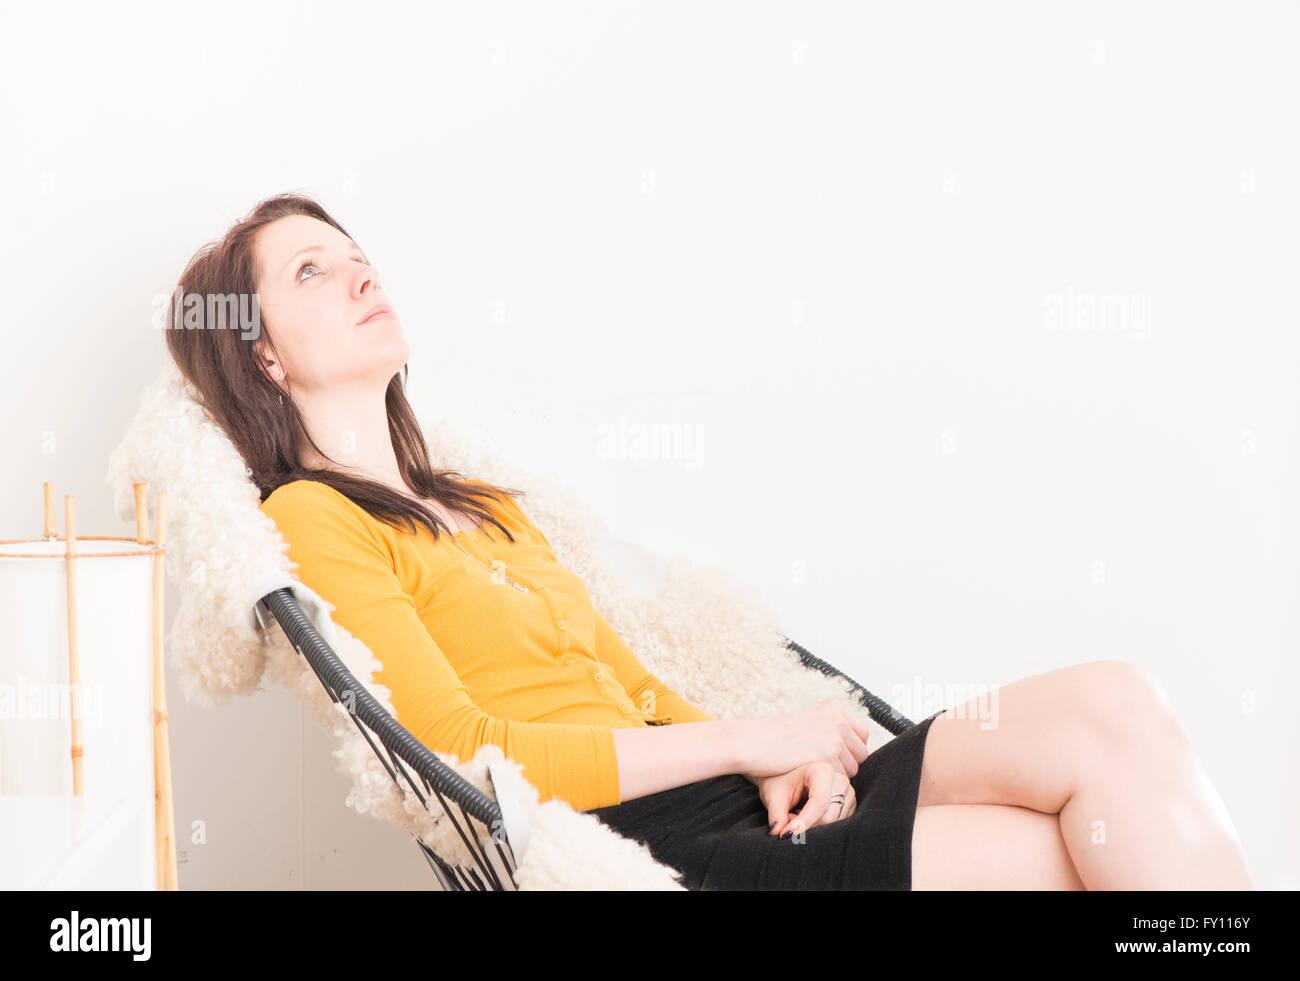 Mujer Sentada En La Silla Relajante Y Mirando Al Techo Concepto De